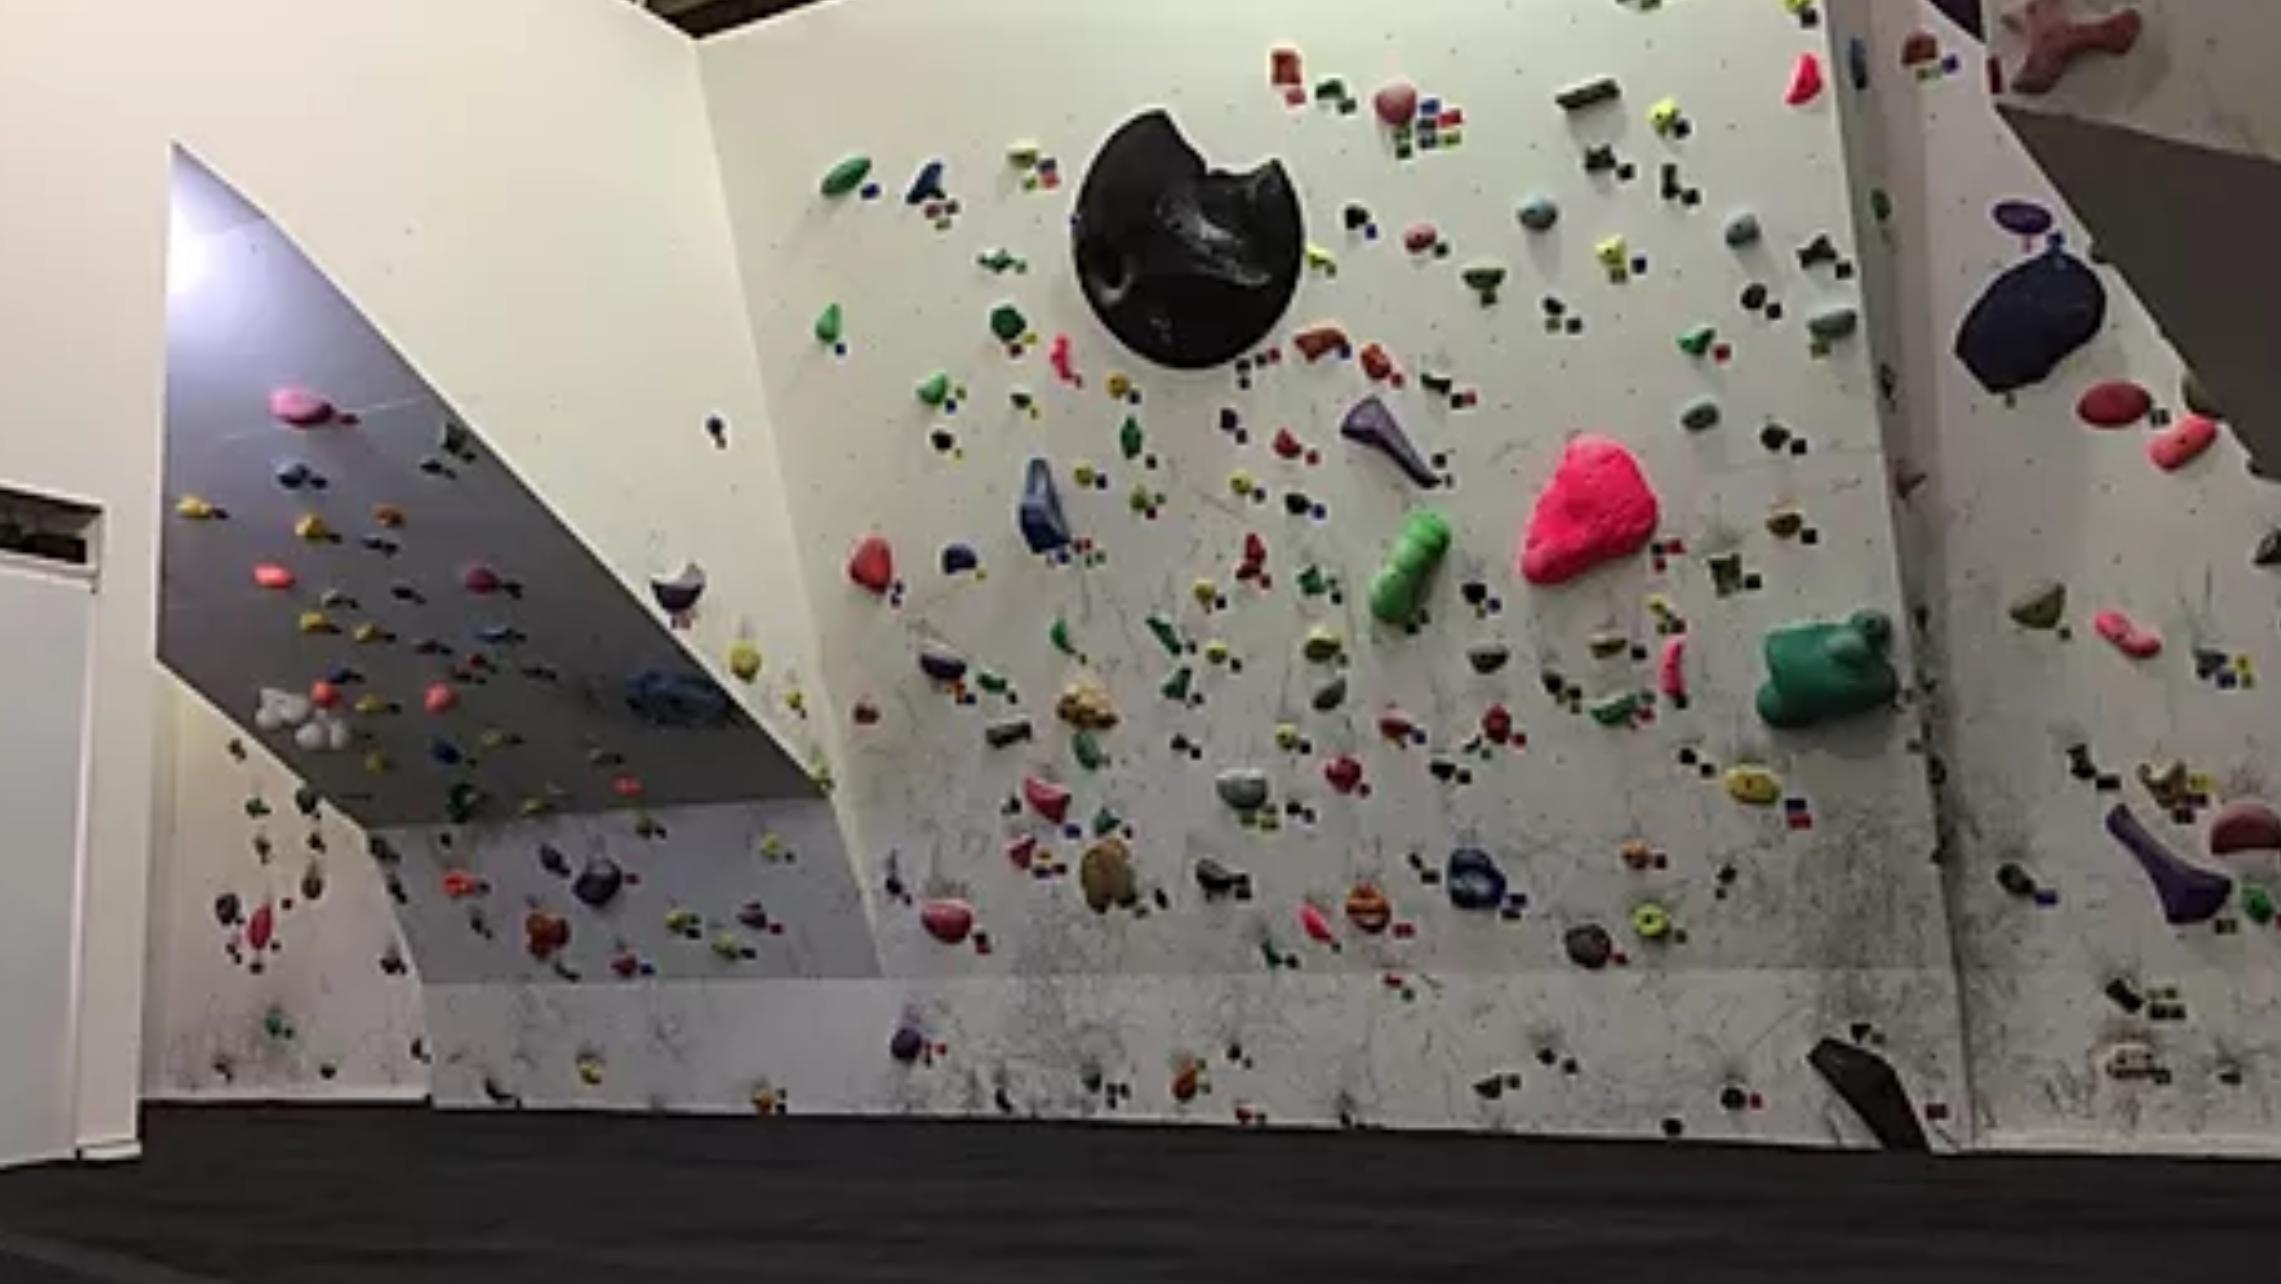 大阪府のクライミング施設「Chock Stone(チョックストーン) クライミングジム」